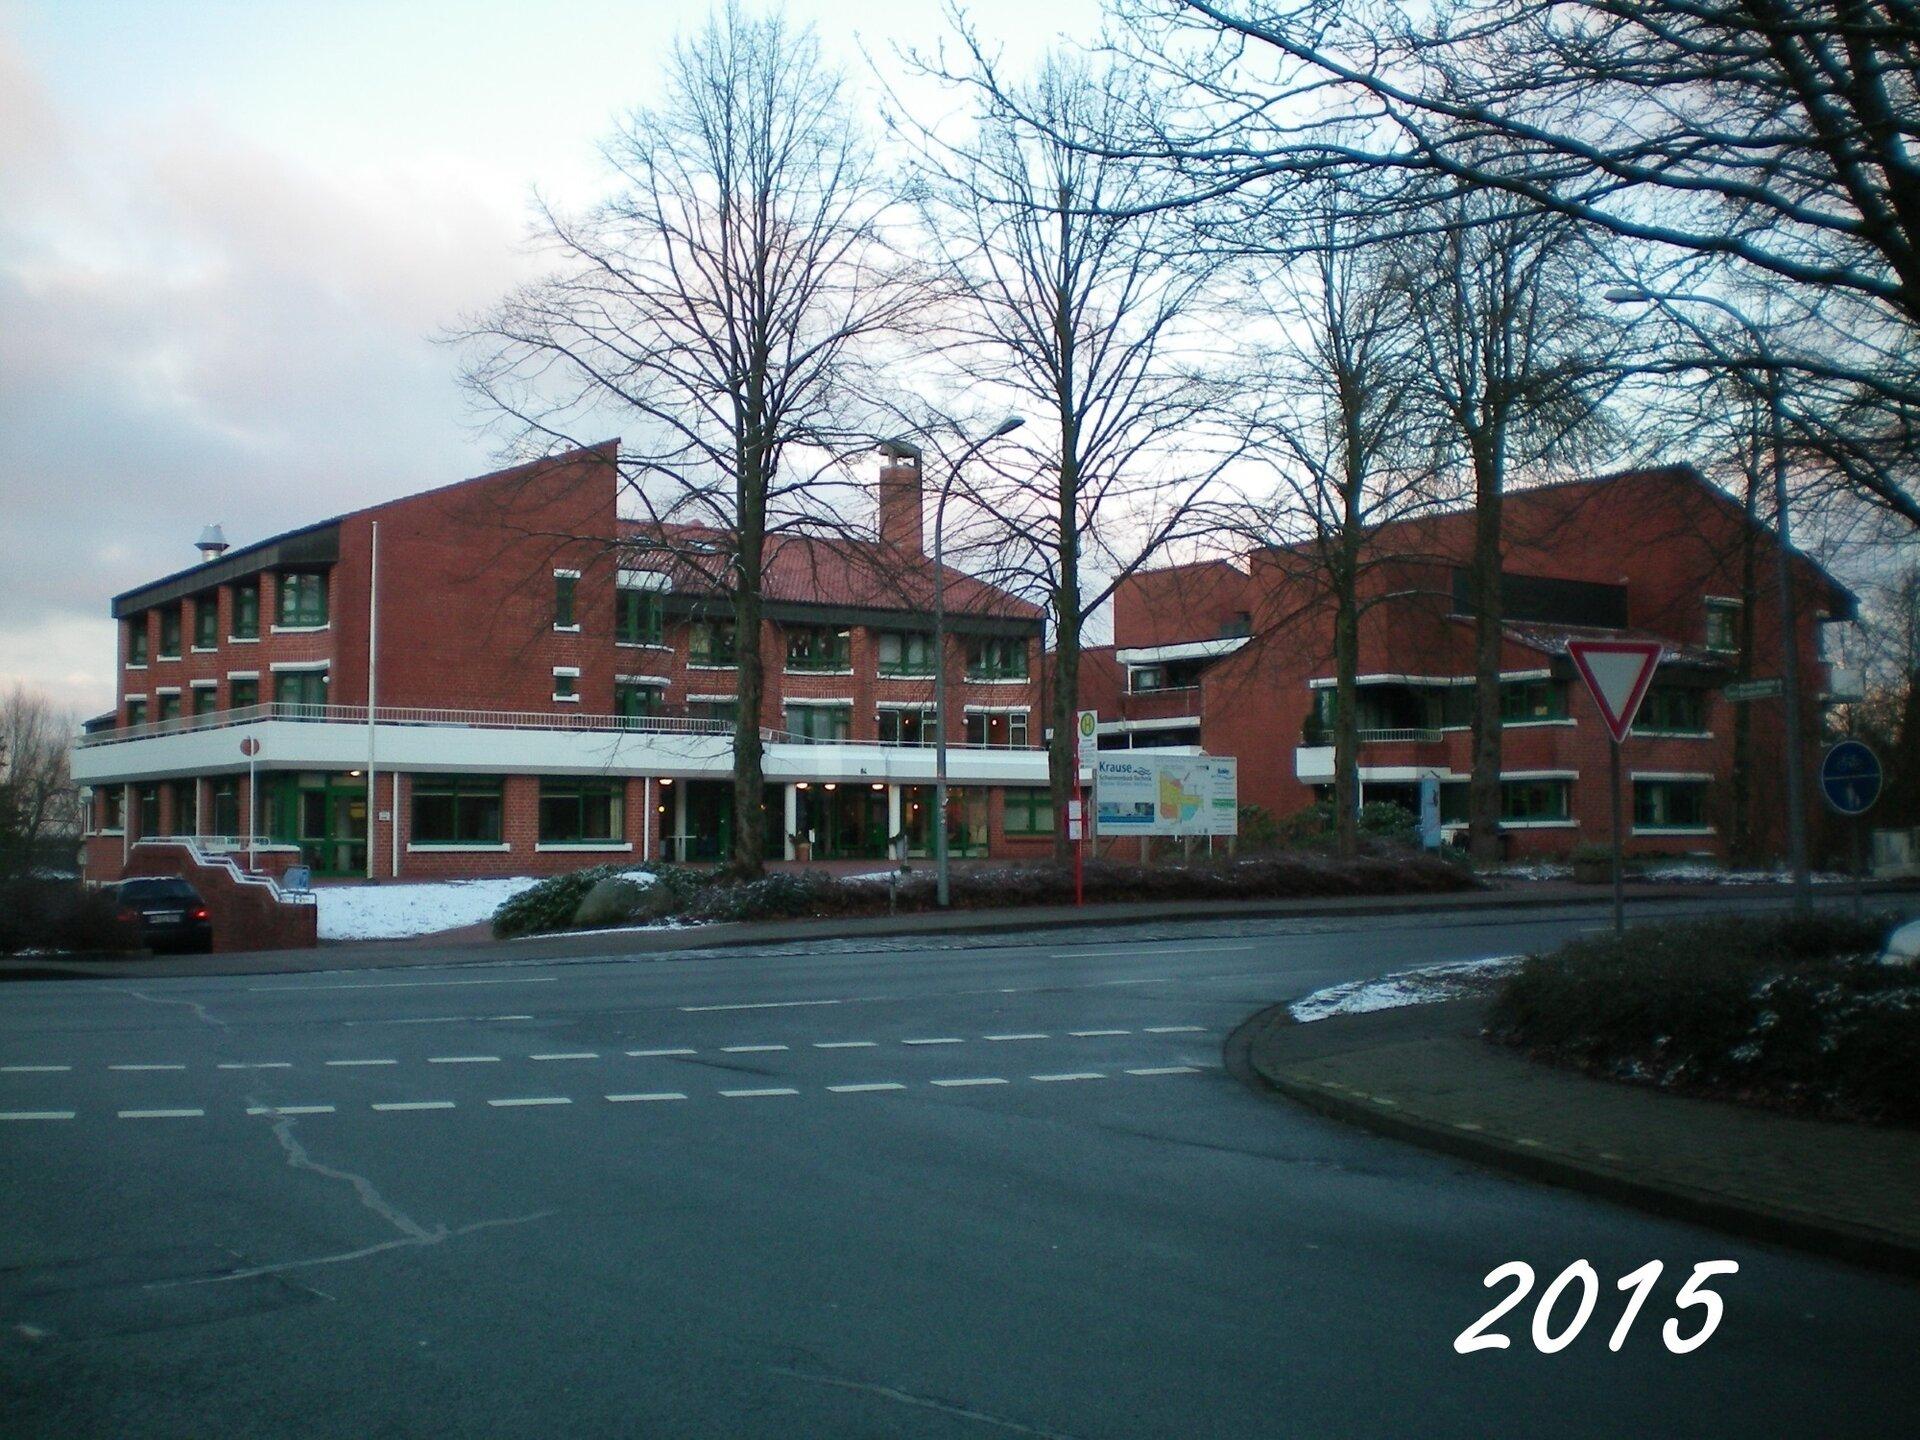 2015 Alten- und Pflegeheim Waldburg